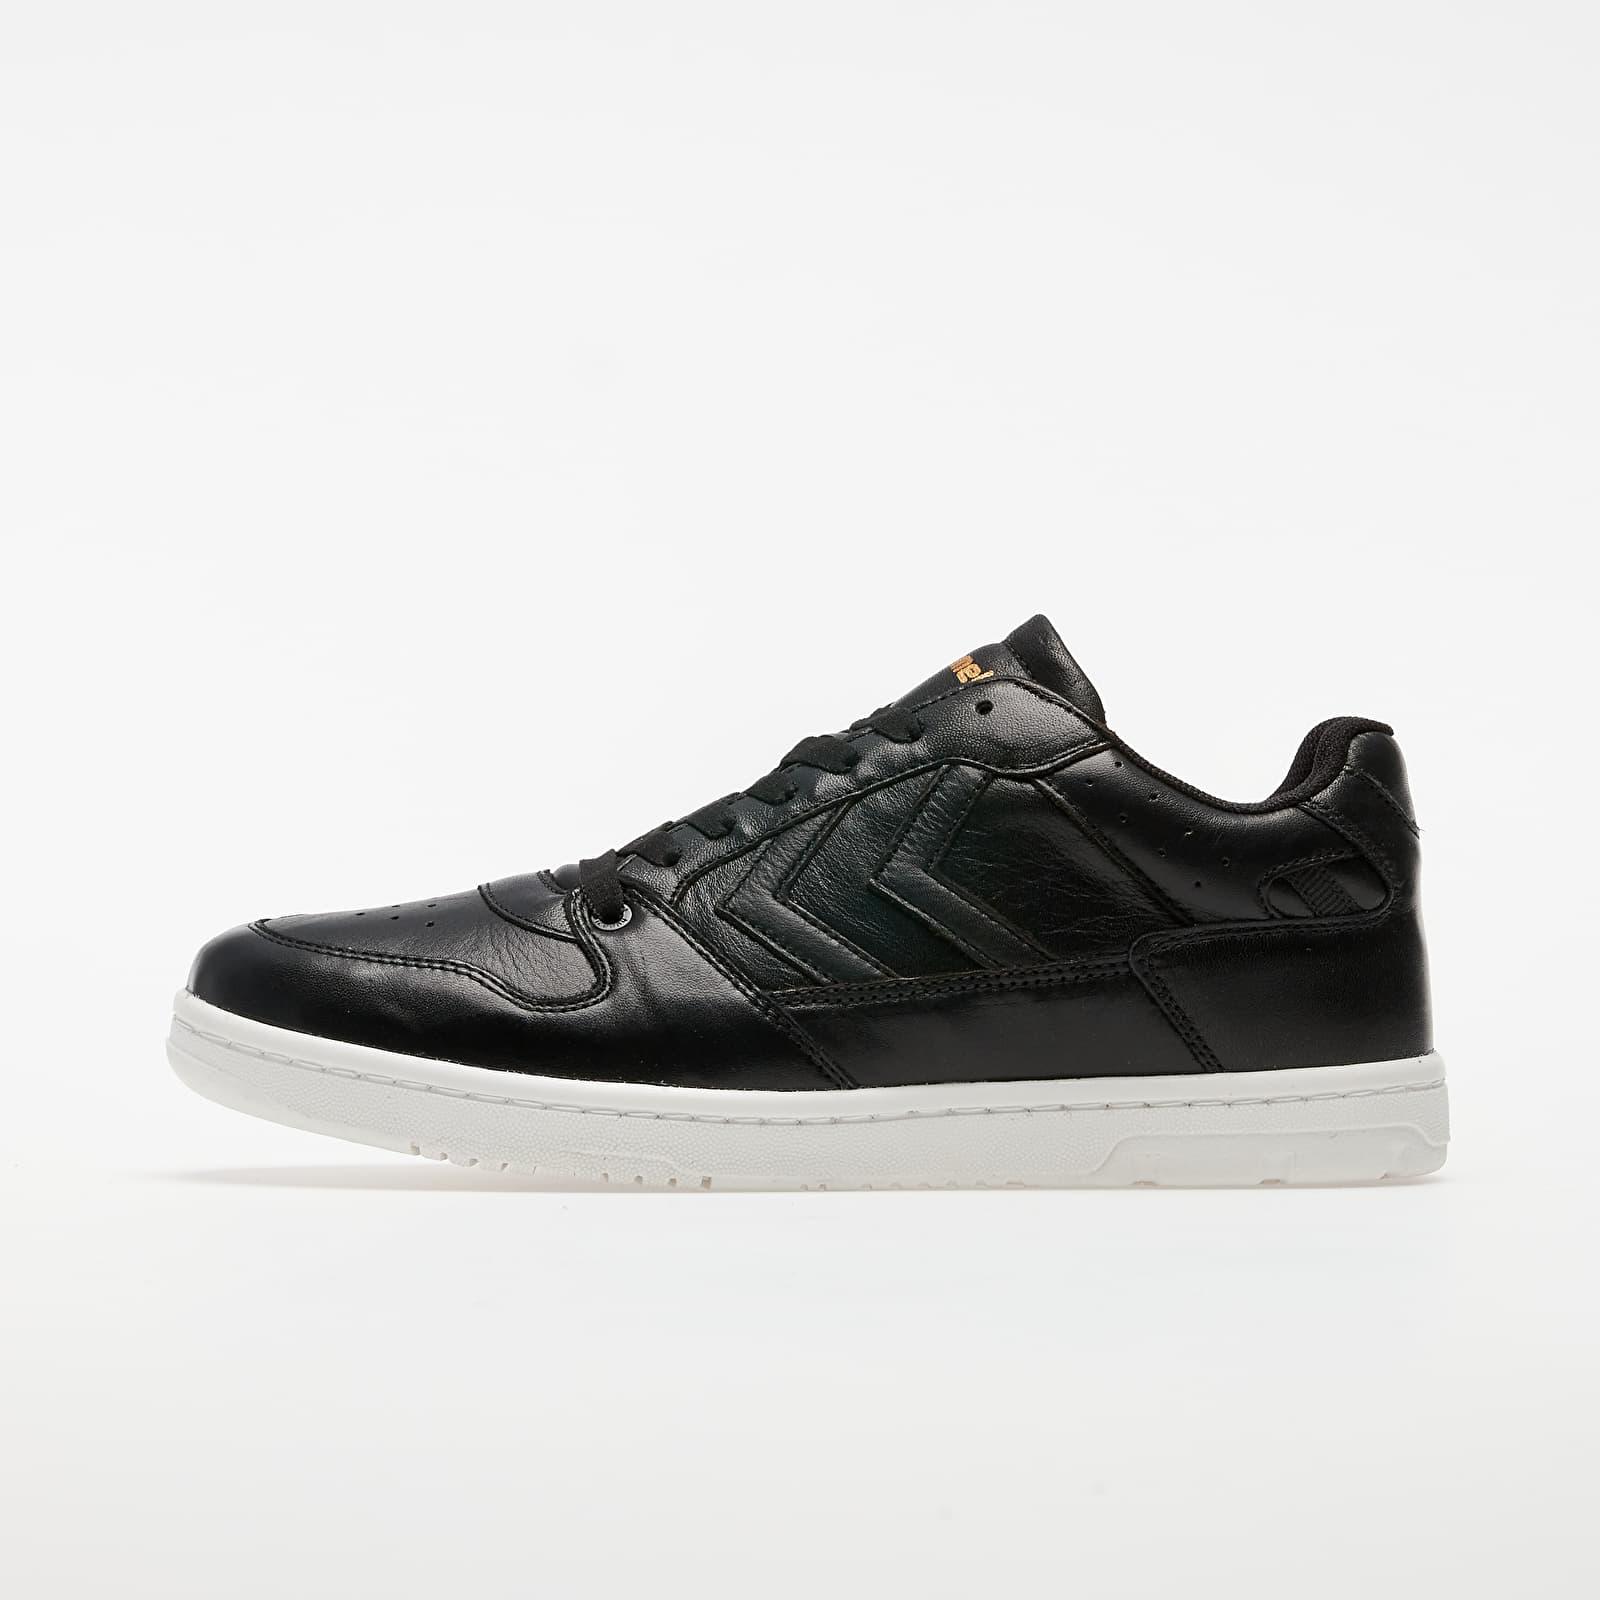 Încălțăminte și sneakerși pentru bărbați Hummel Power Play Black